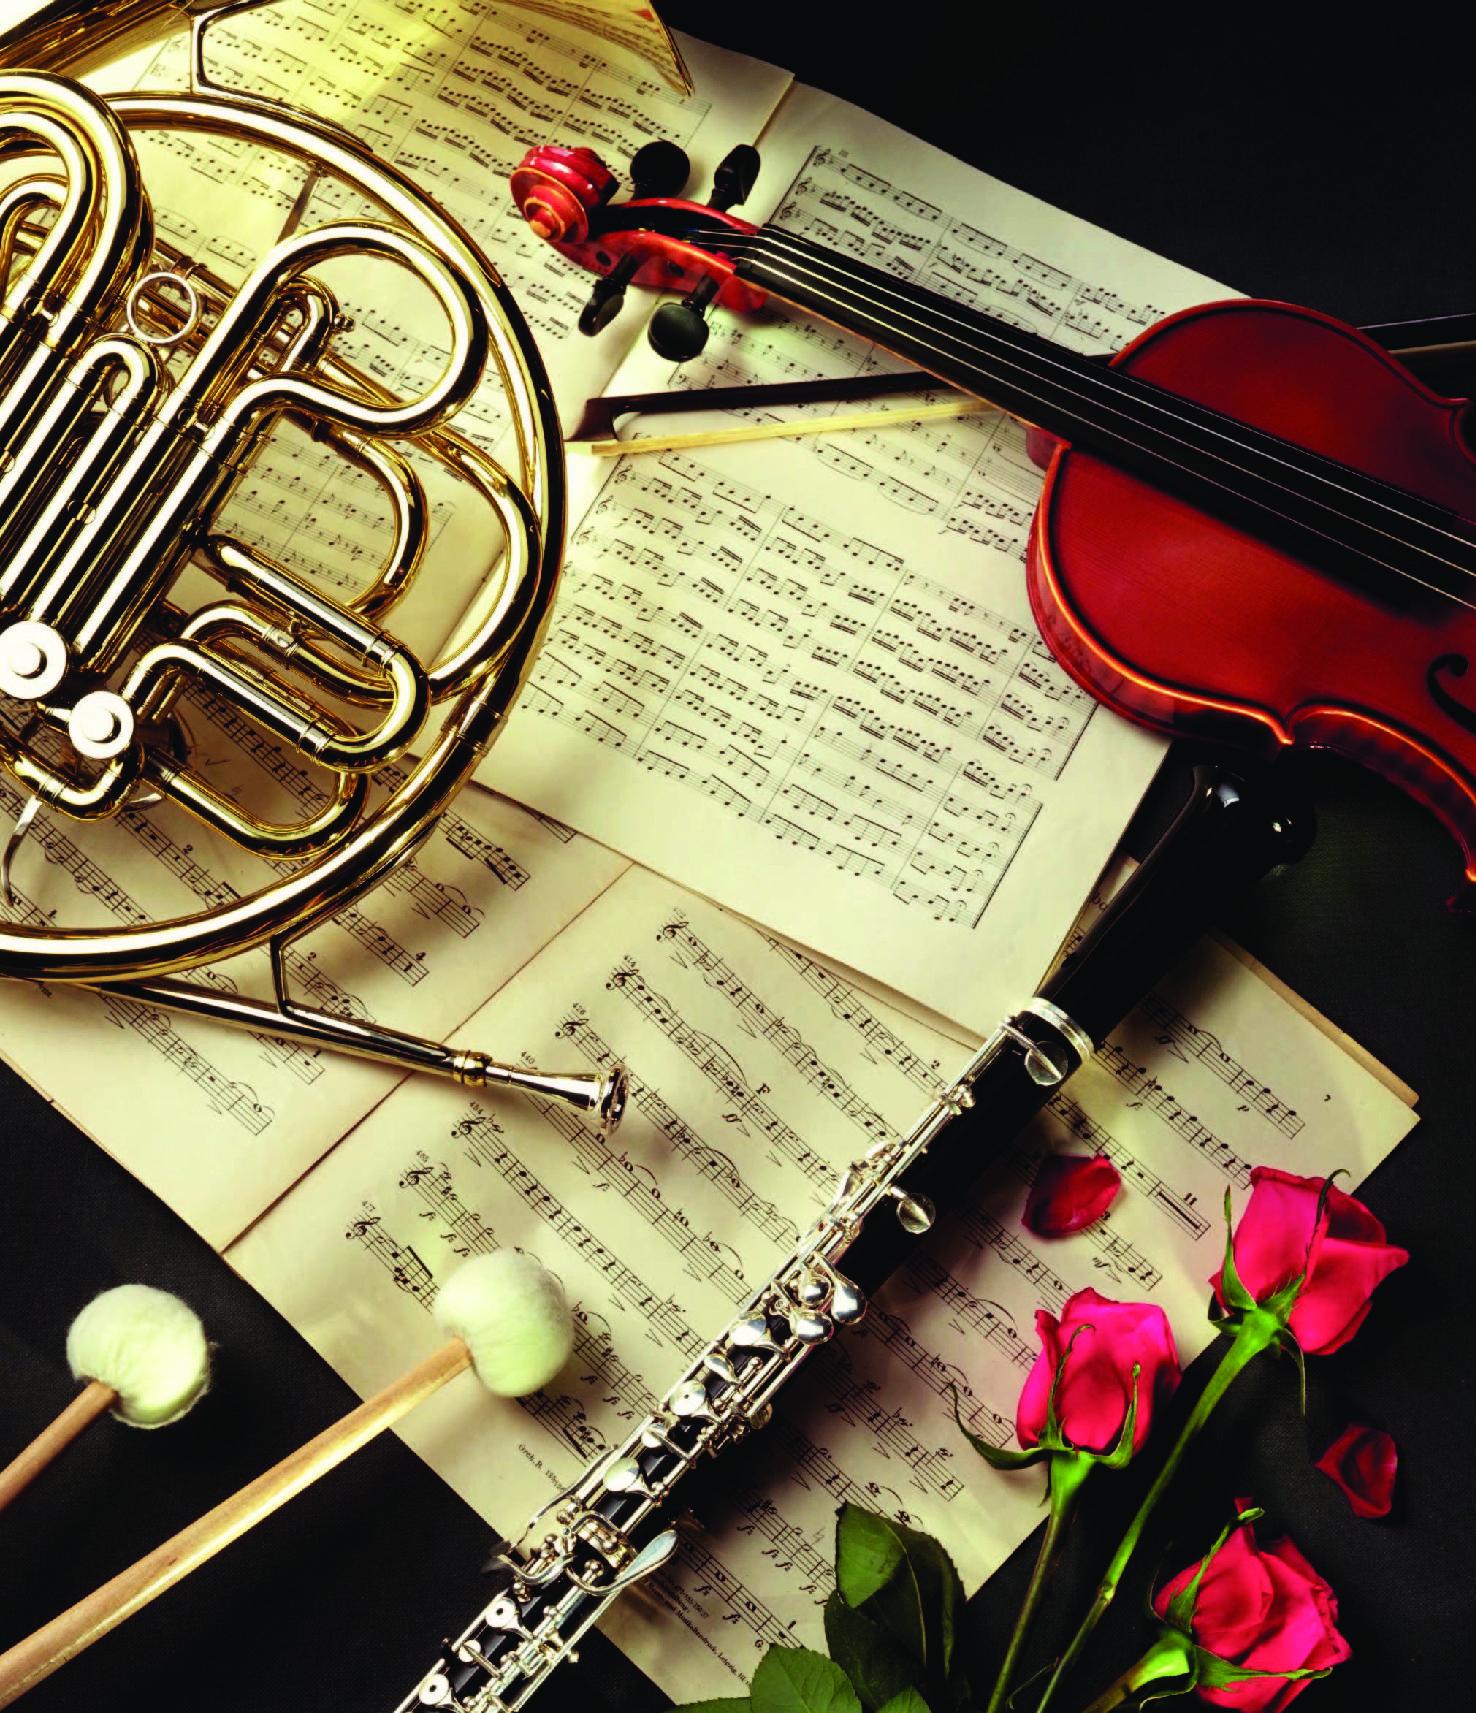 Классическая музыка картинки, картинки